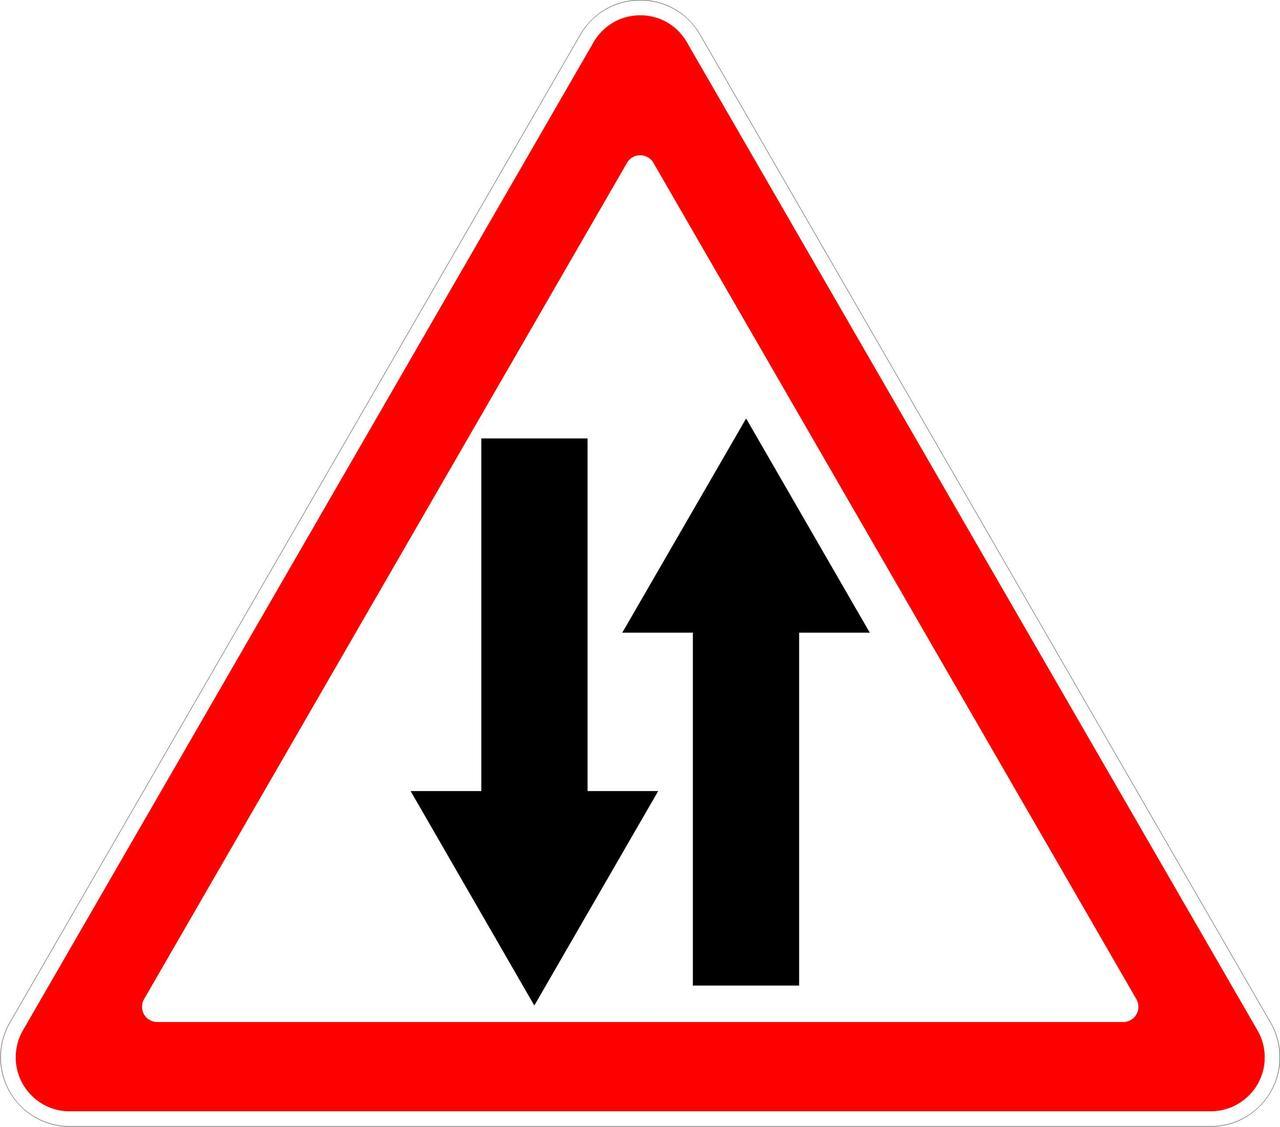 Знак 1.19 Екі жақты қозғалыс/ Двустороннее движение